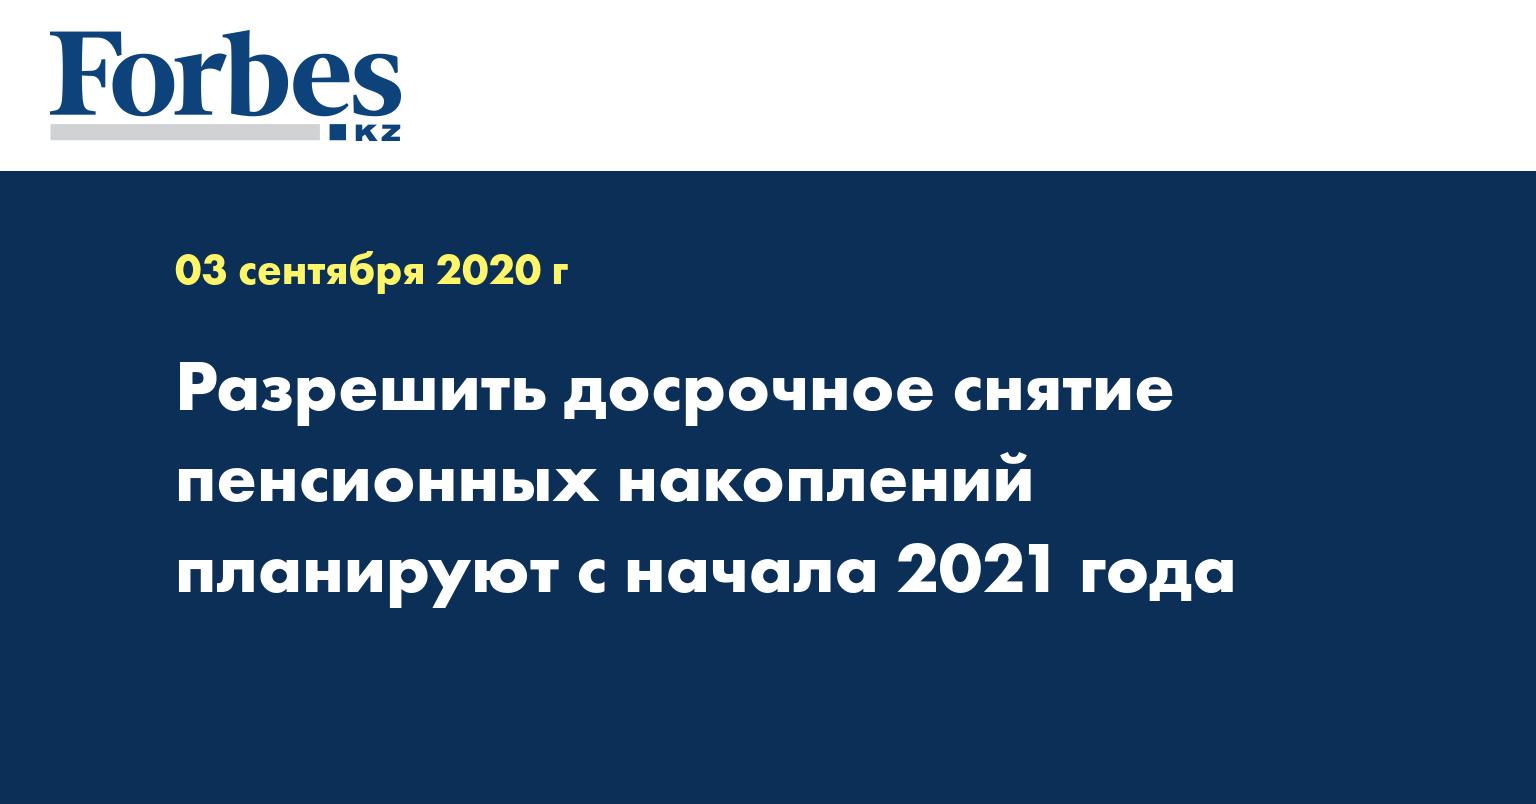 Разрешить досрочное снятие пенсионных накоплений планируют с начала 2021 года